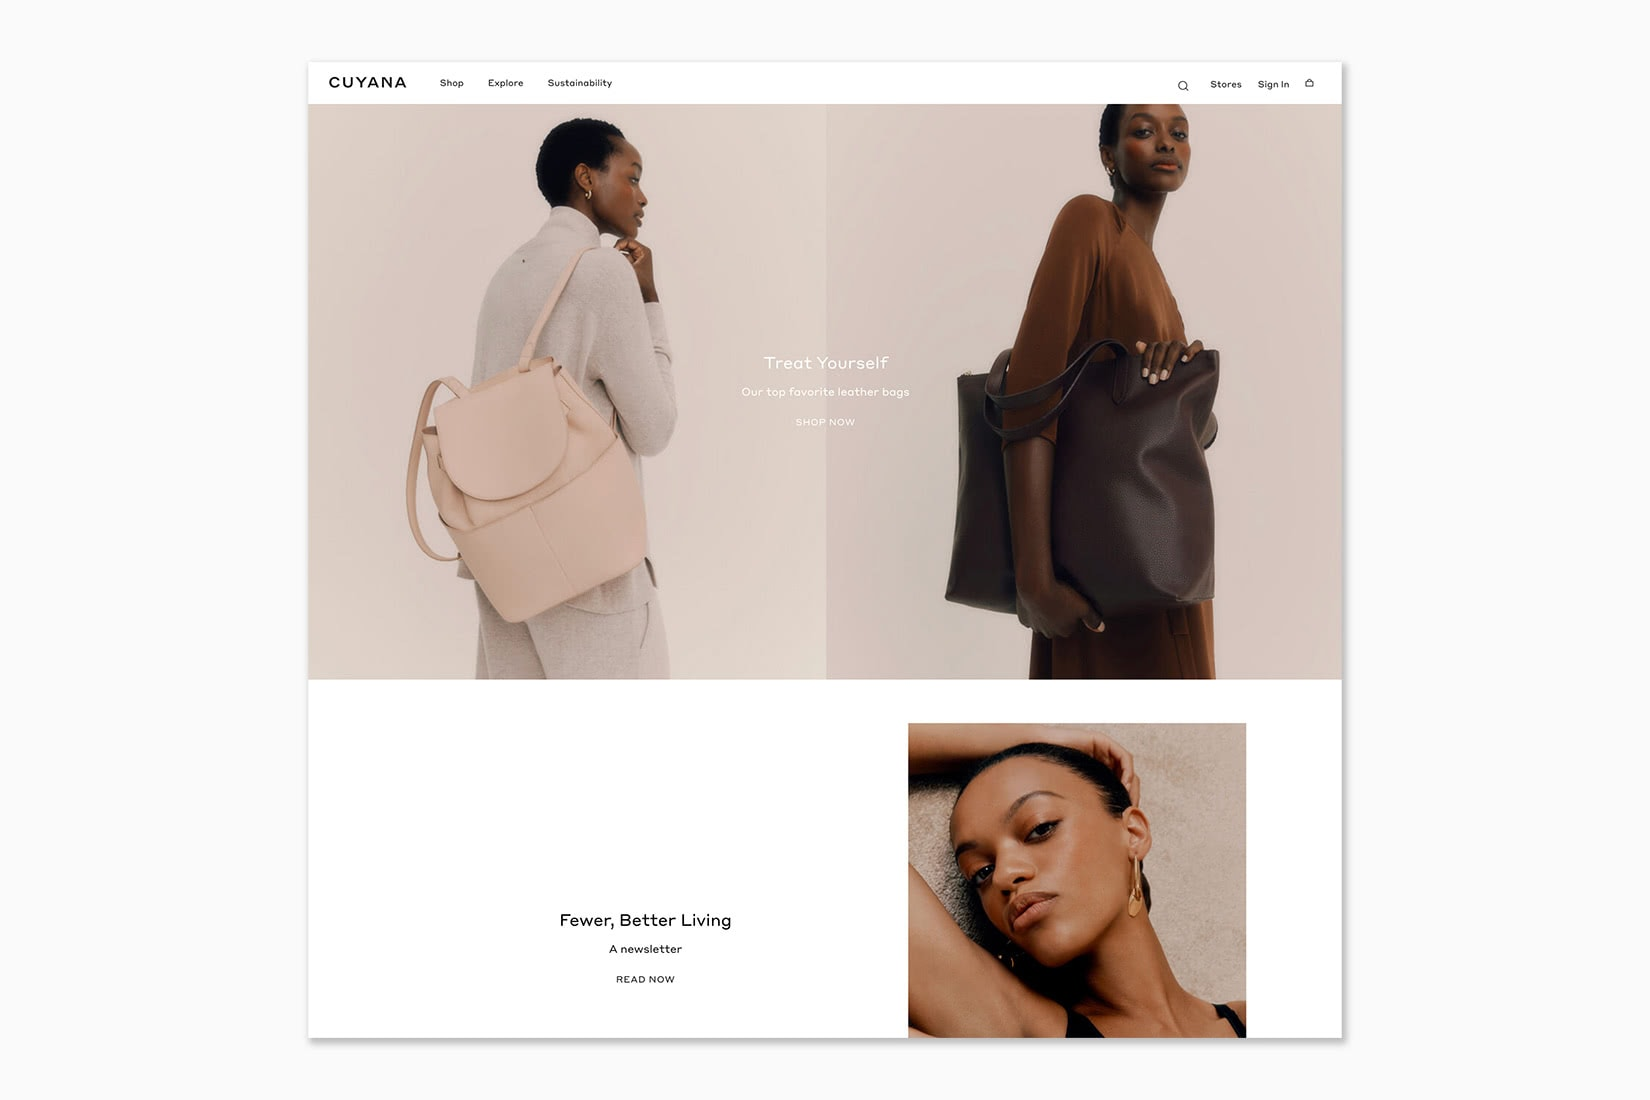 best online shopping sites women cuyana - Luxe Digital